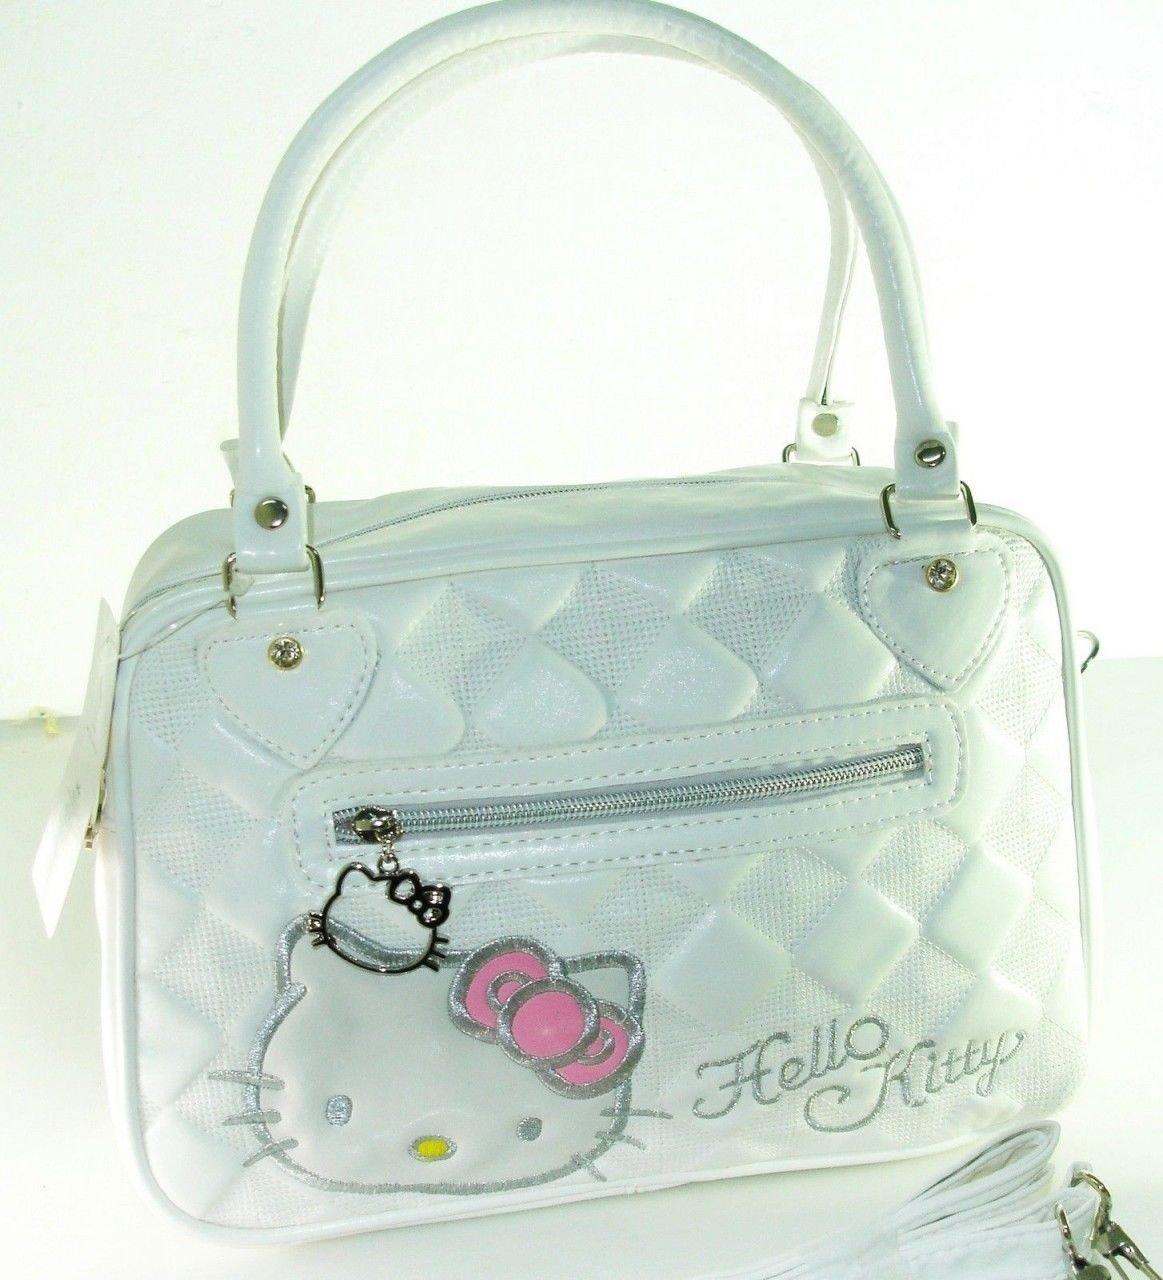 New Women Handbag Shoulder bag